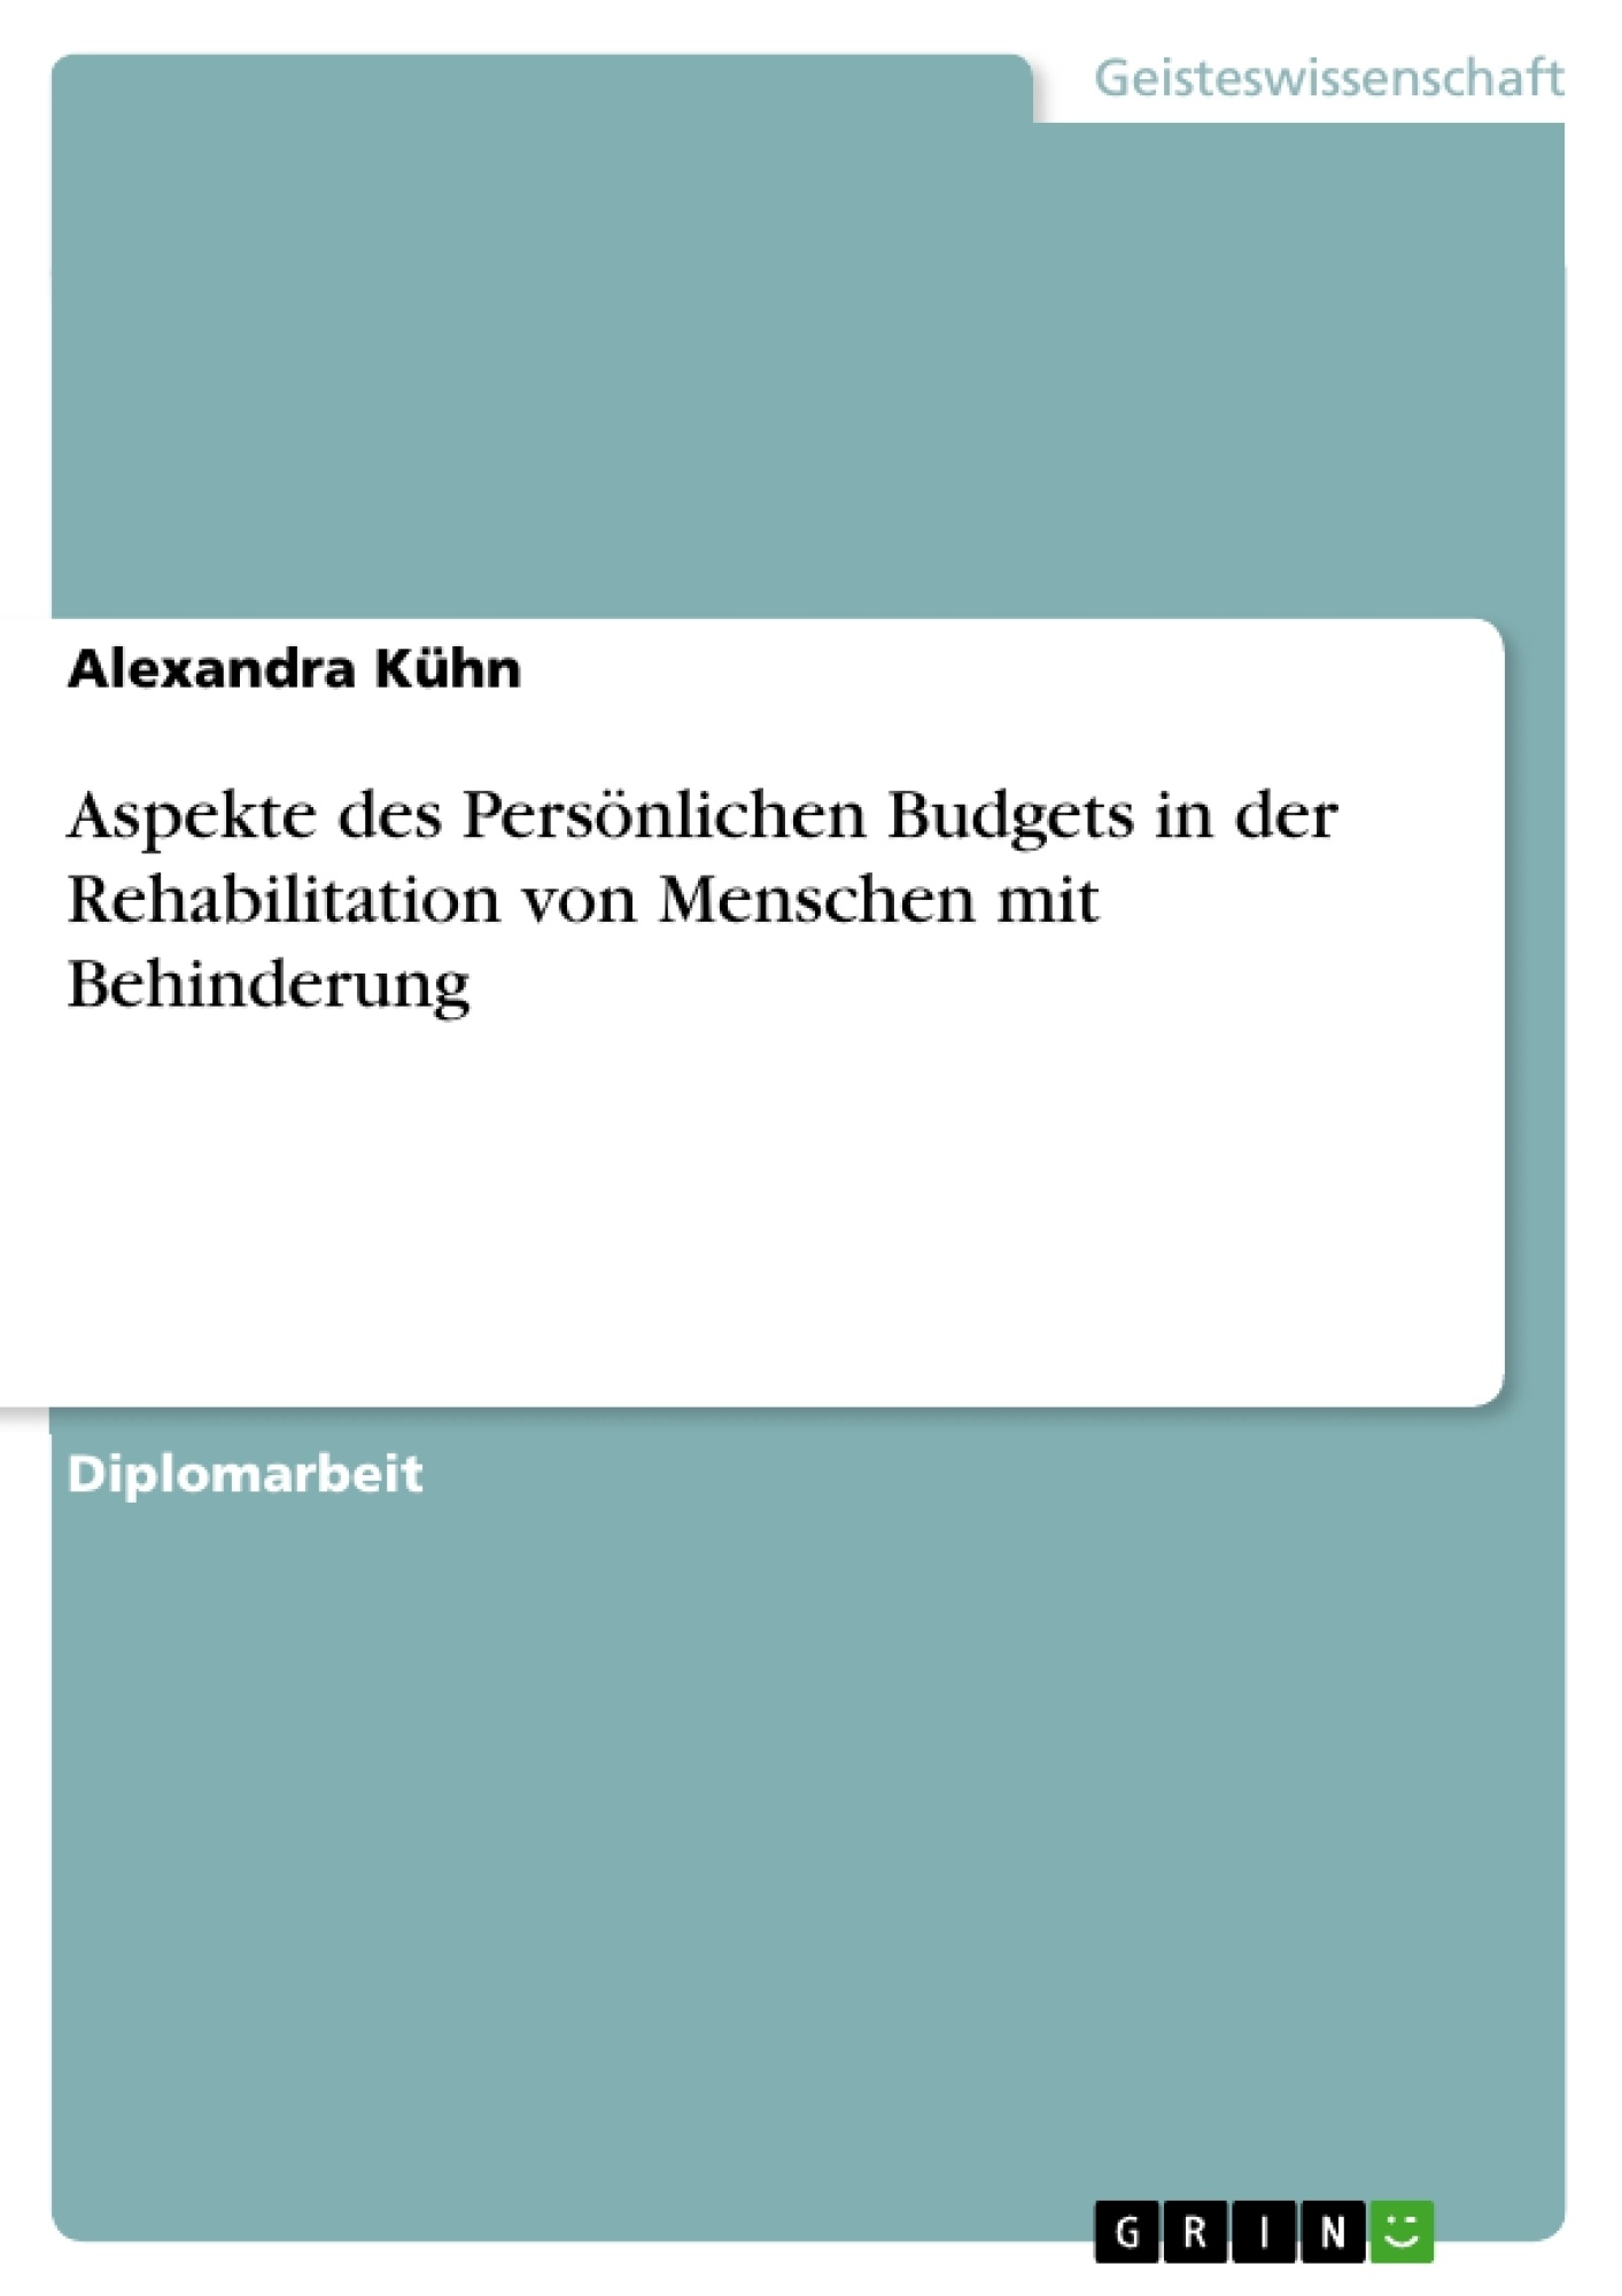 Titel: Aspekte des Persönlichen Budgets in der Rehabilitation von Menschen mit Behinderung